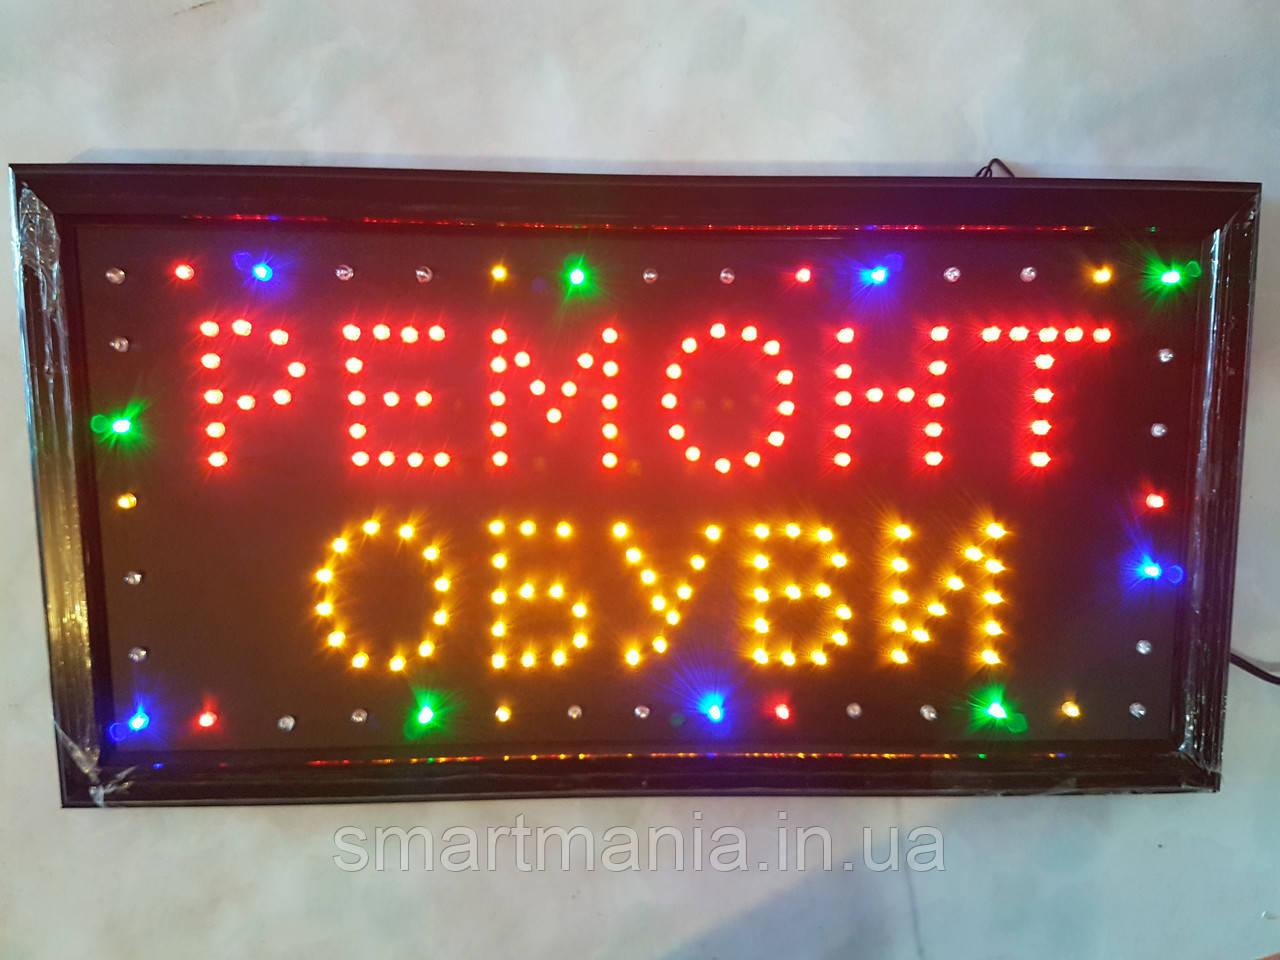 bb9edb251c0c3a Светодиодная LED вывеска Ремонт Обуви 48*25, цена 263,20 грн ...